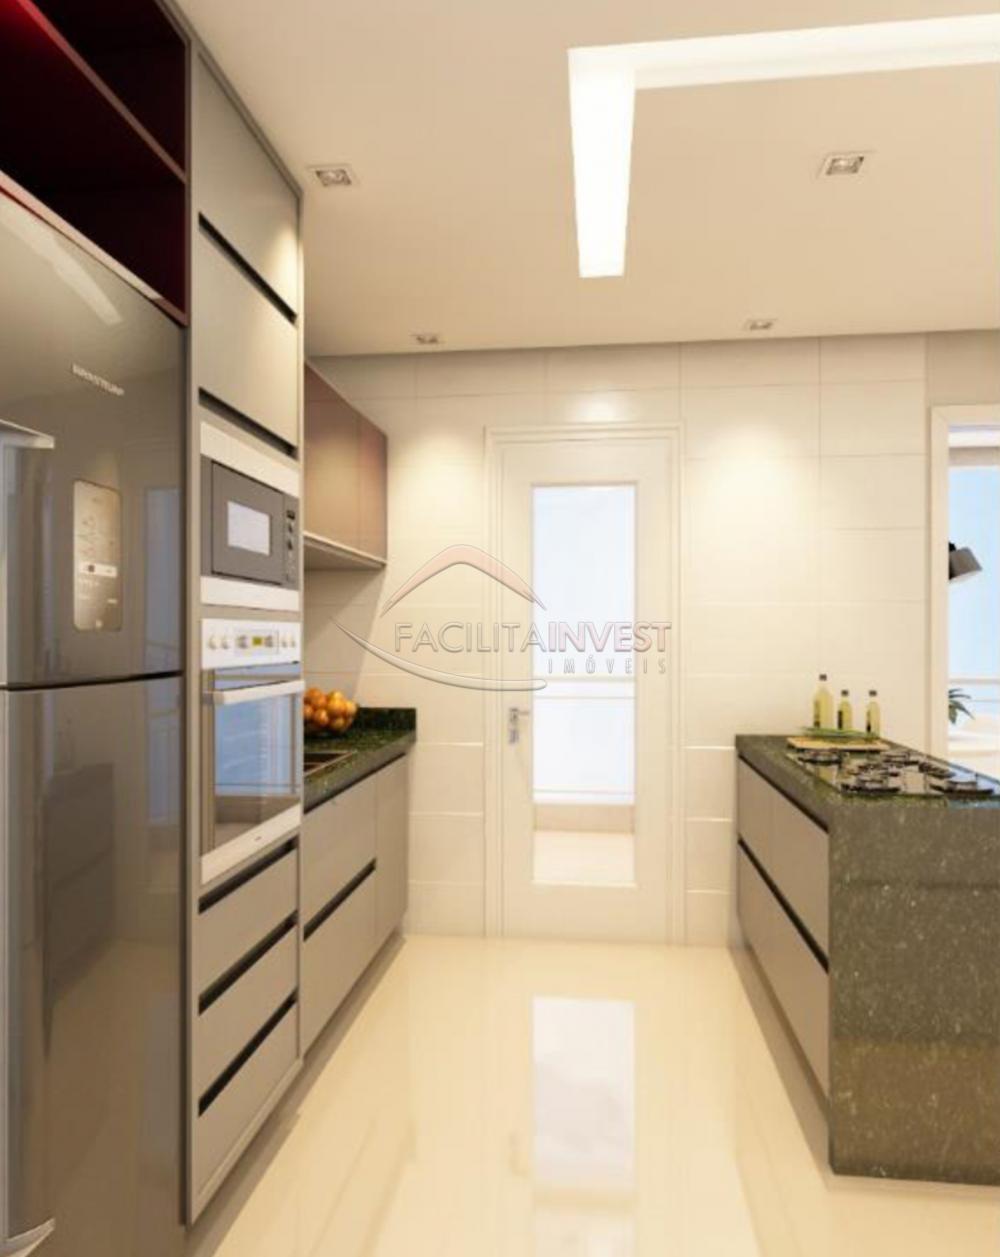 Comprar Lançamentos/ Empreendimentos em Construç / Apartamento padrão - Lançamento em Ribeirão Preto apenas R$ 586.718,00 - Foto 2